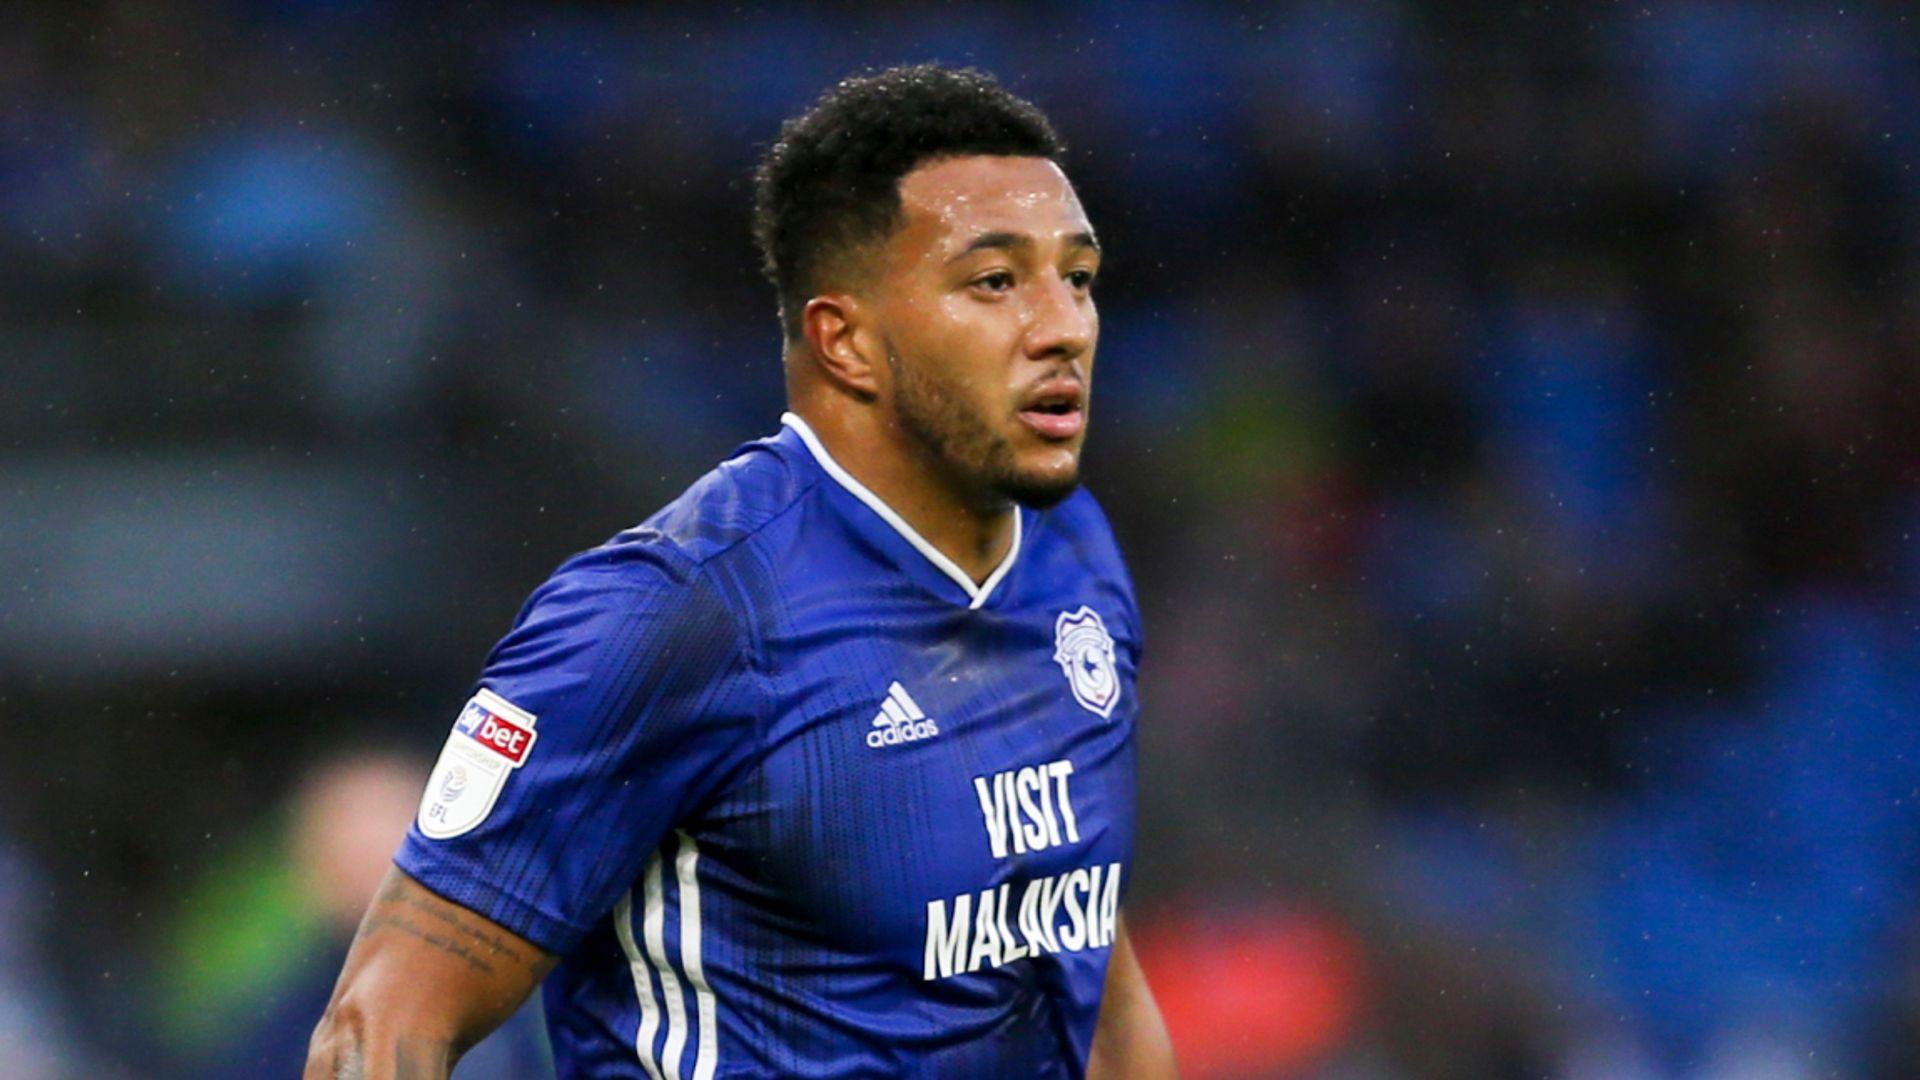 Mendez-Laing wants Premier League return